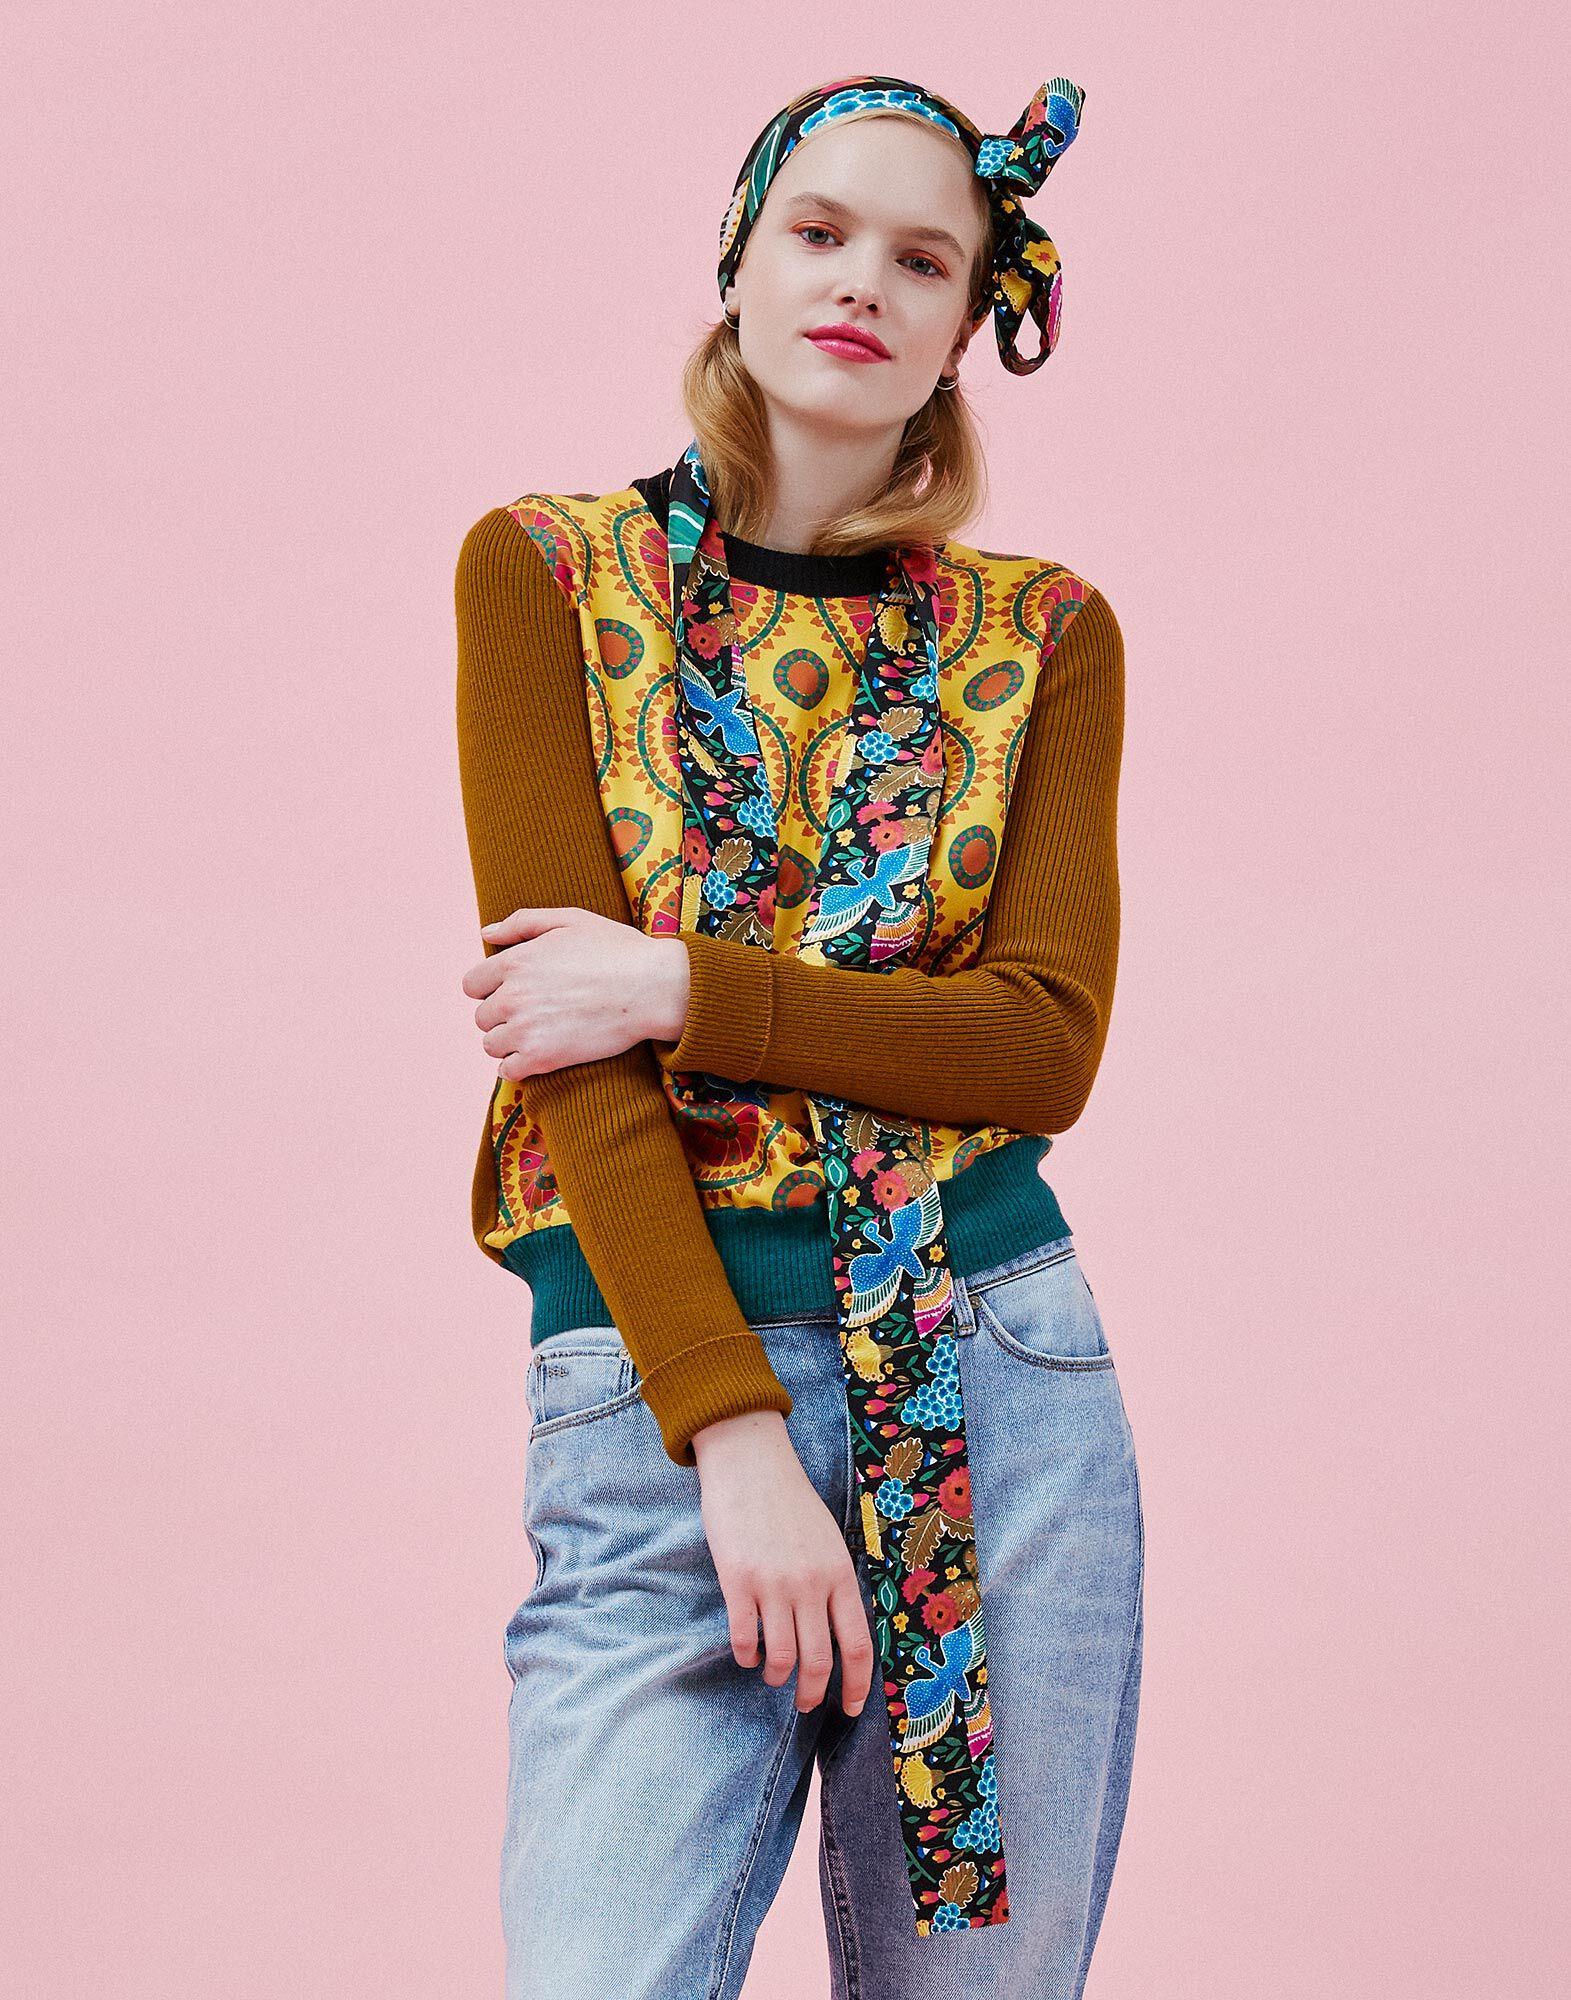 cheaper 48da0 230cd La DoubleJ LDJ Editions Clothing - Knitwear | La DoubleJ ...